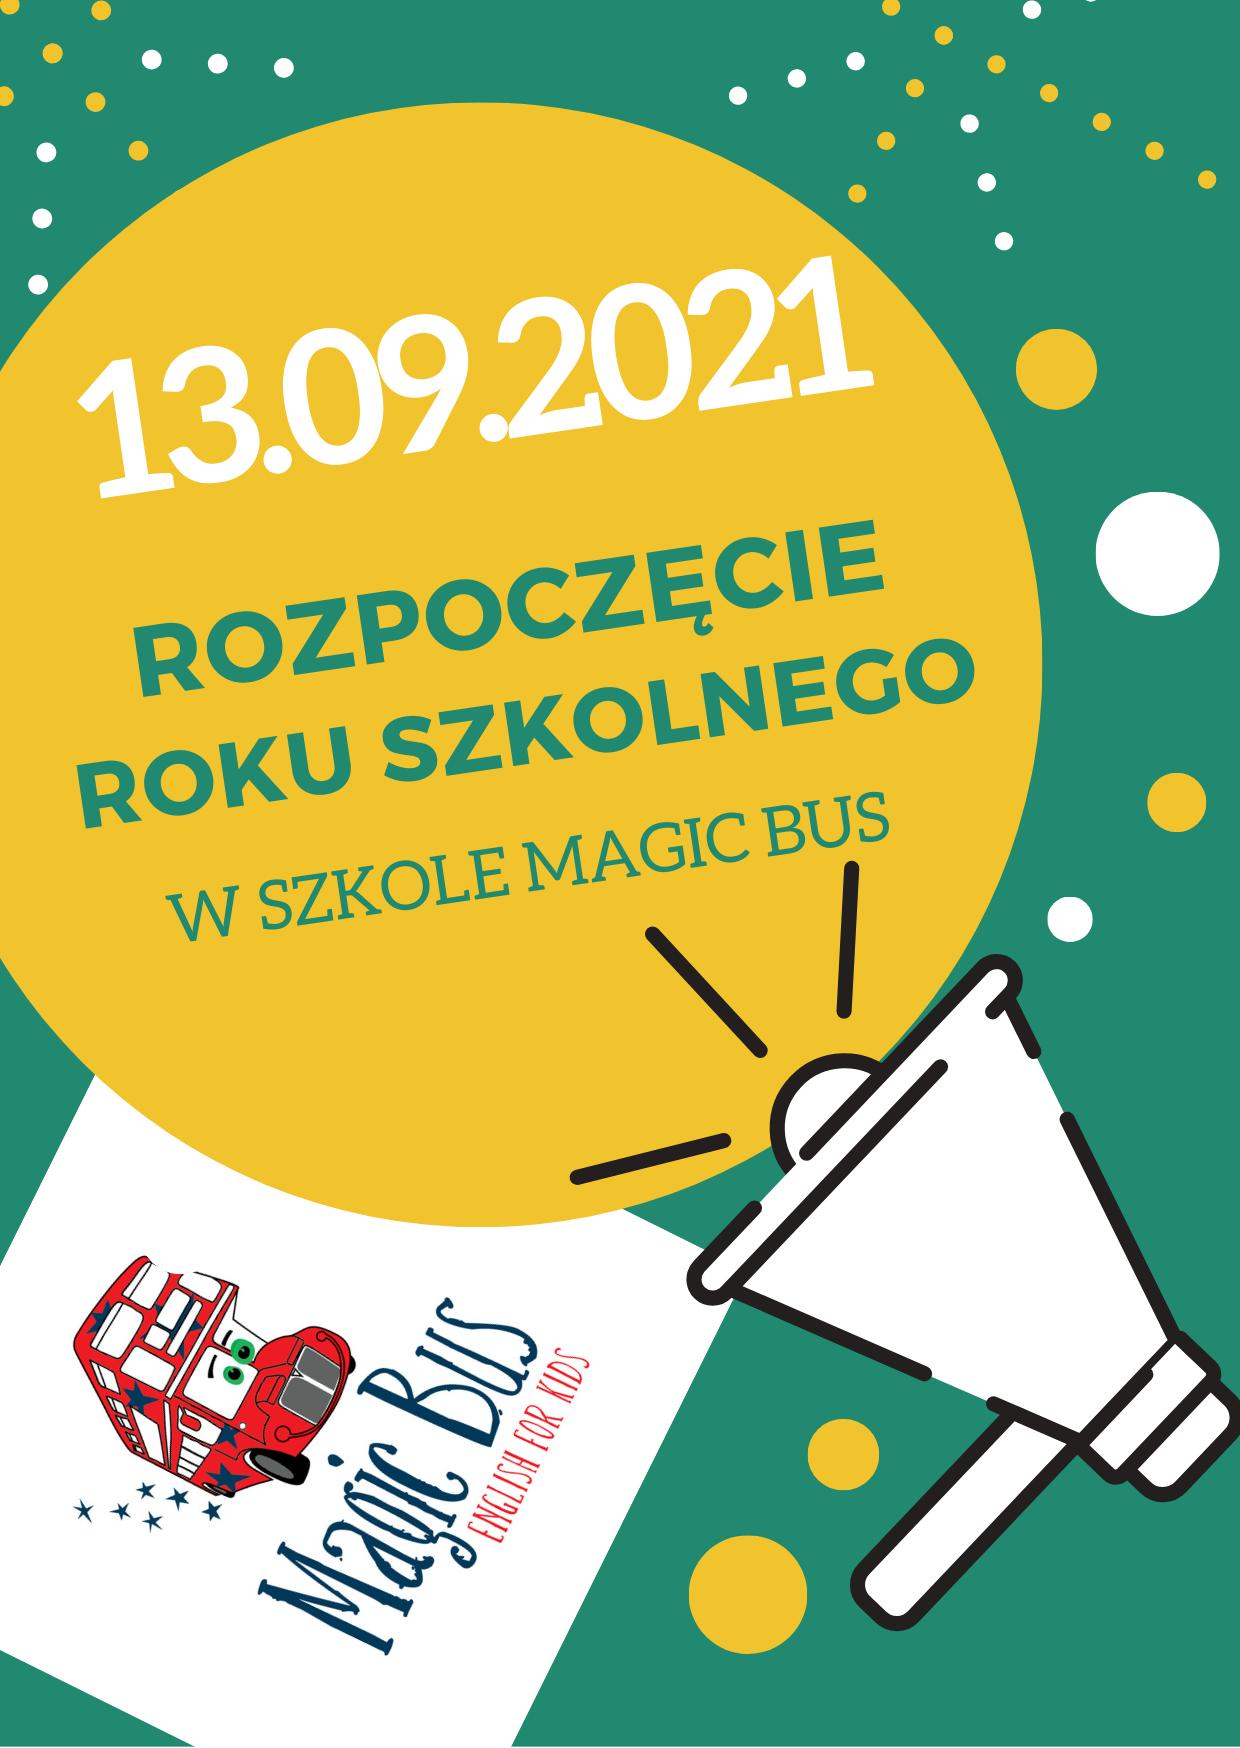 ROZPOCZĘCIE ROKU 2021-22